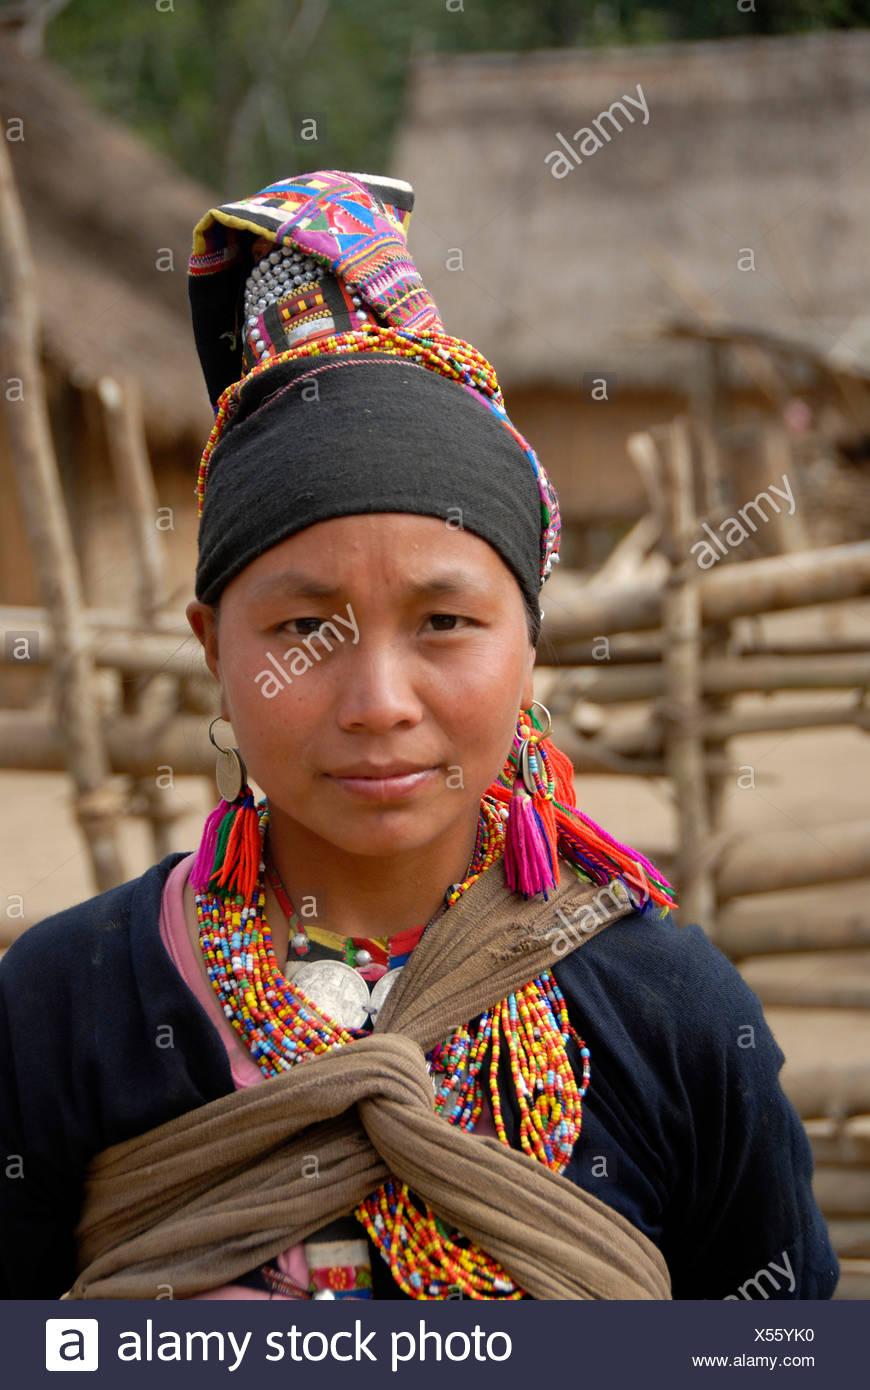 Retrato de una joven de la etnia Akha Loma Negra tradicional colorido traje, bordado, cap, coloridas cadenas Imagen De Stock